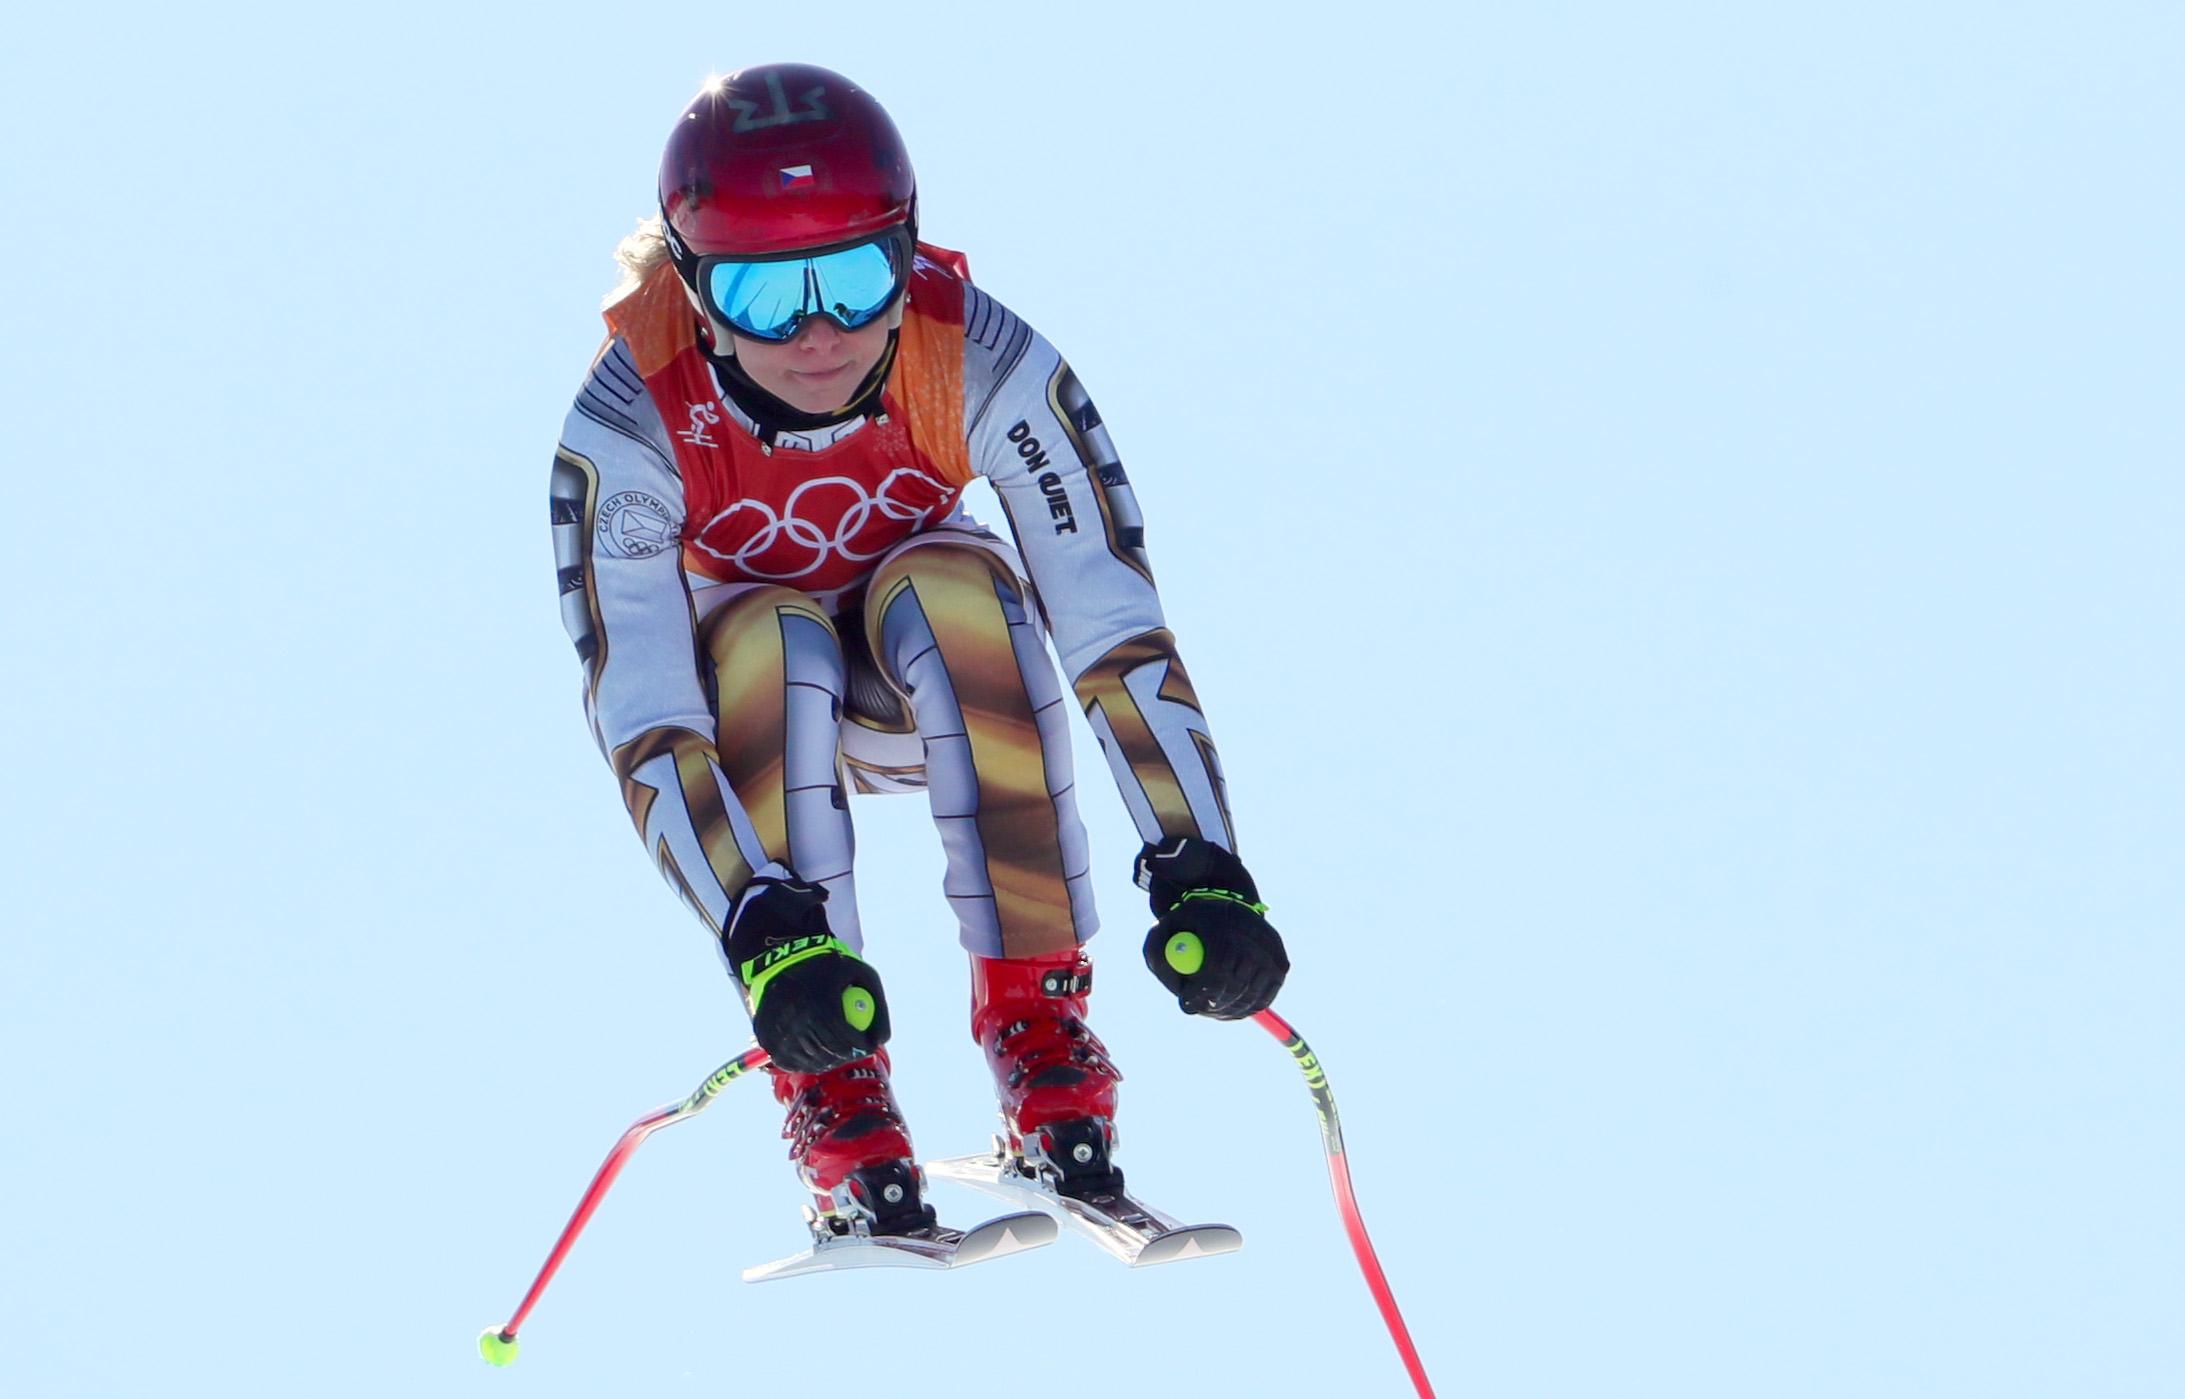 Őrület: snowboardos nyerte a női szuperóriás-műlesiklást az olimpián, kölcsönkért lécekkel